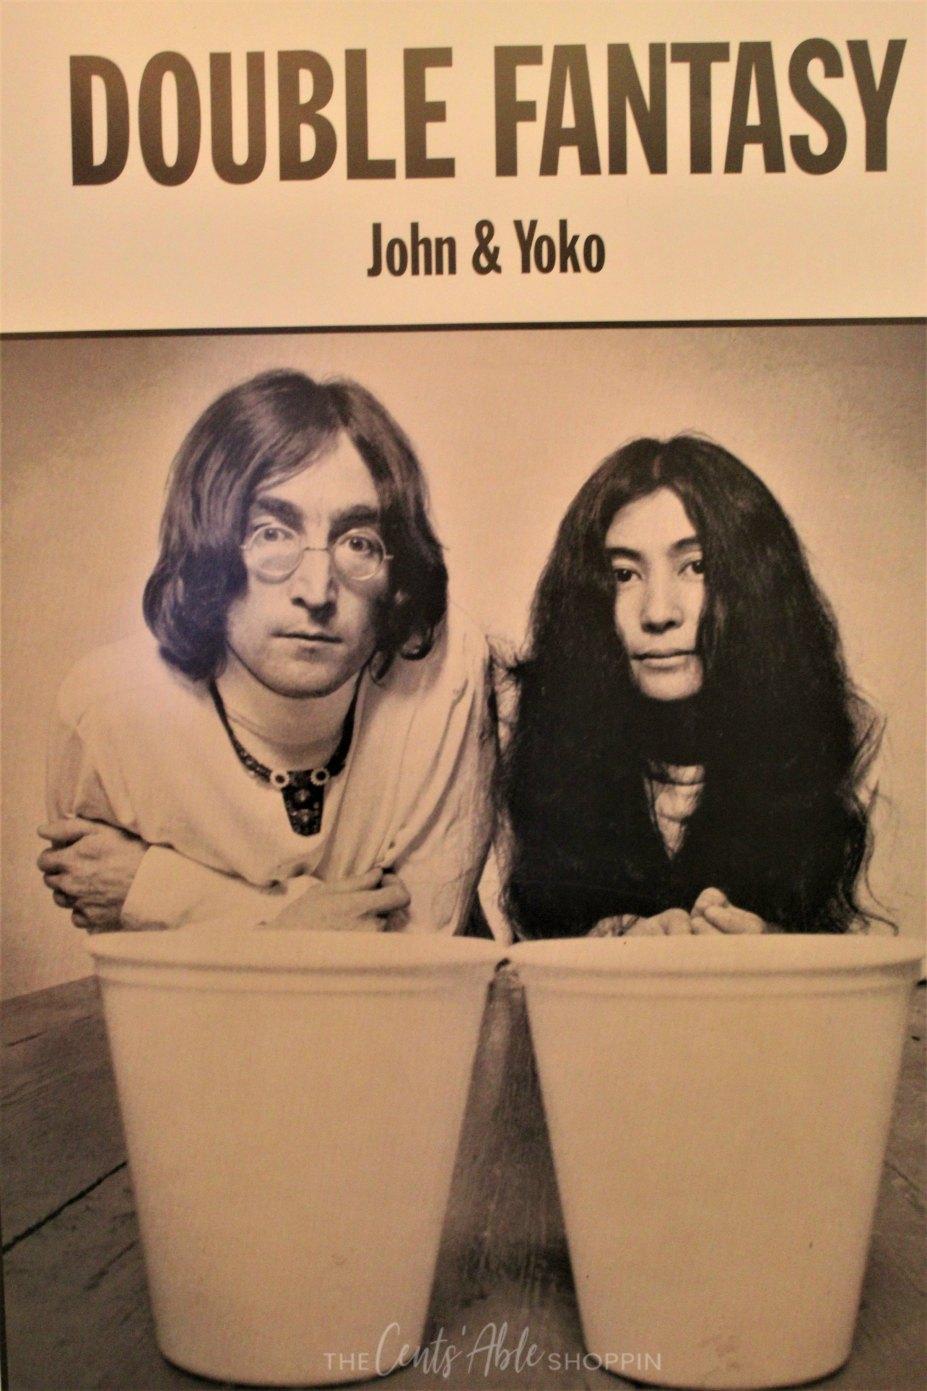 John and Yoko, Liverpool, England